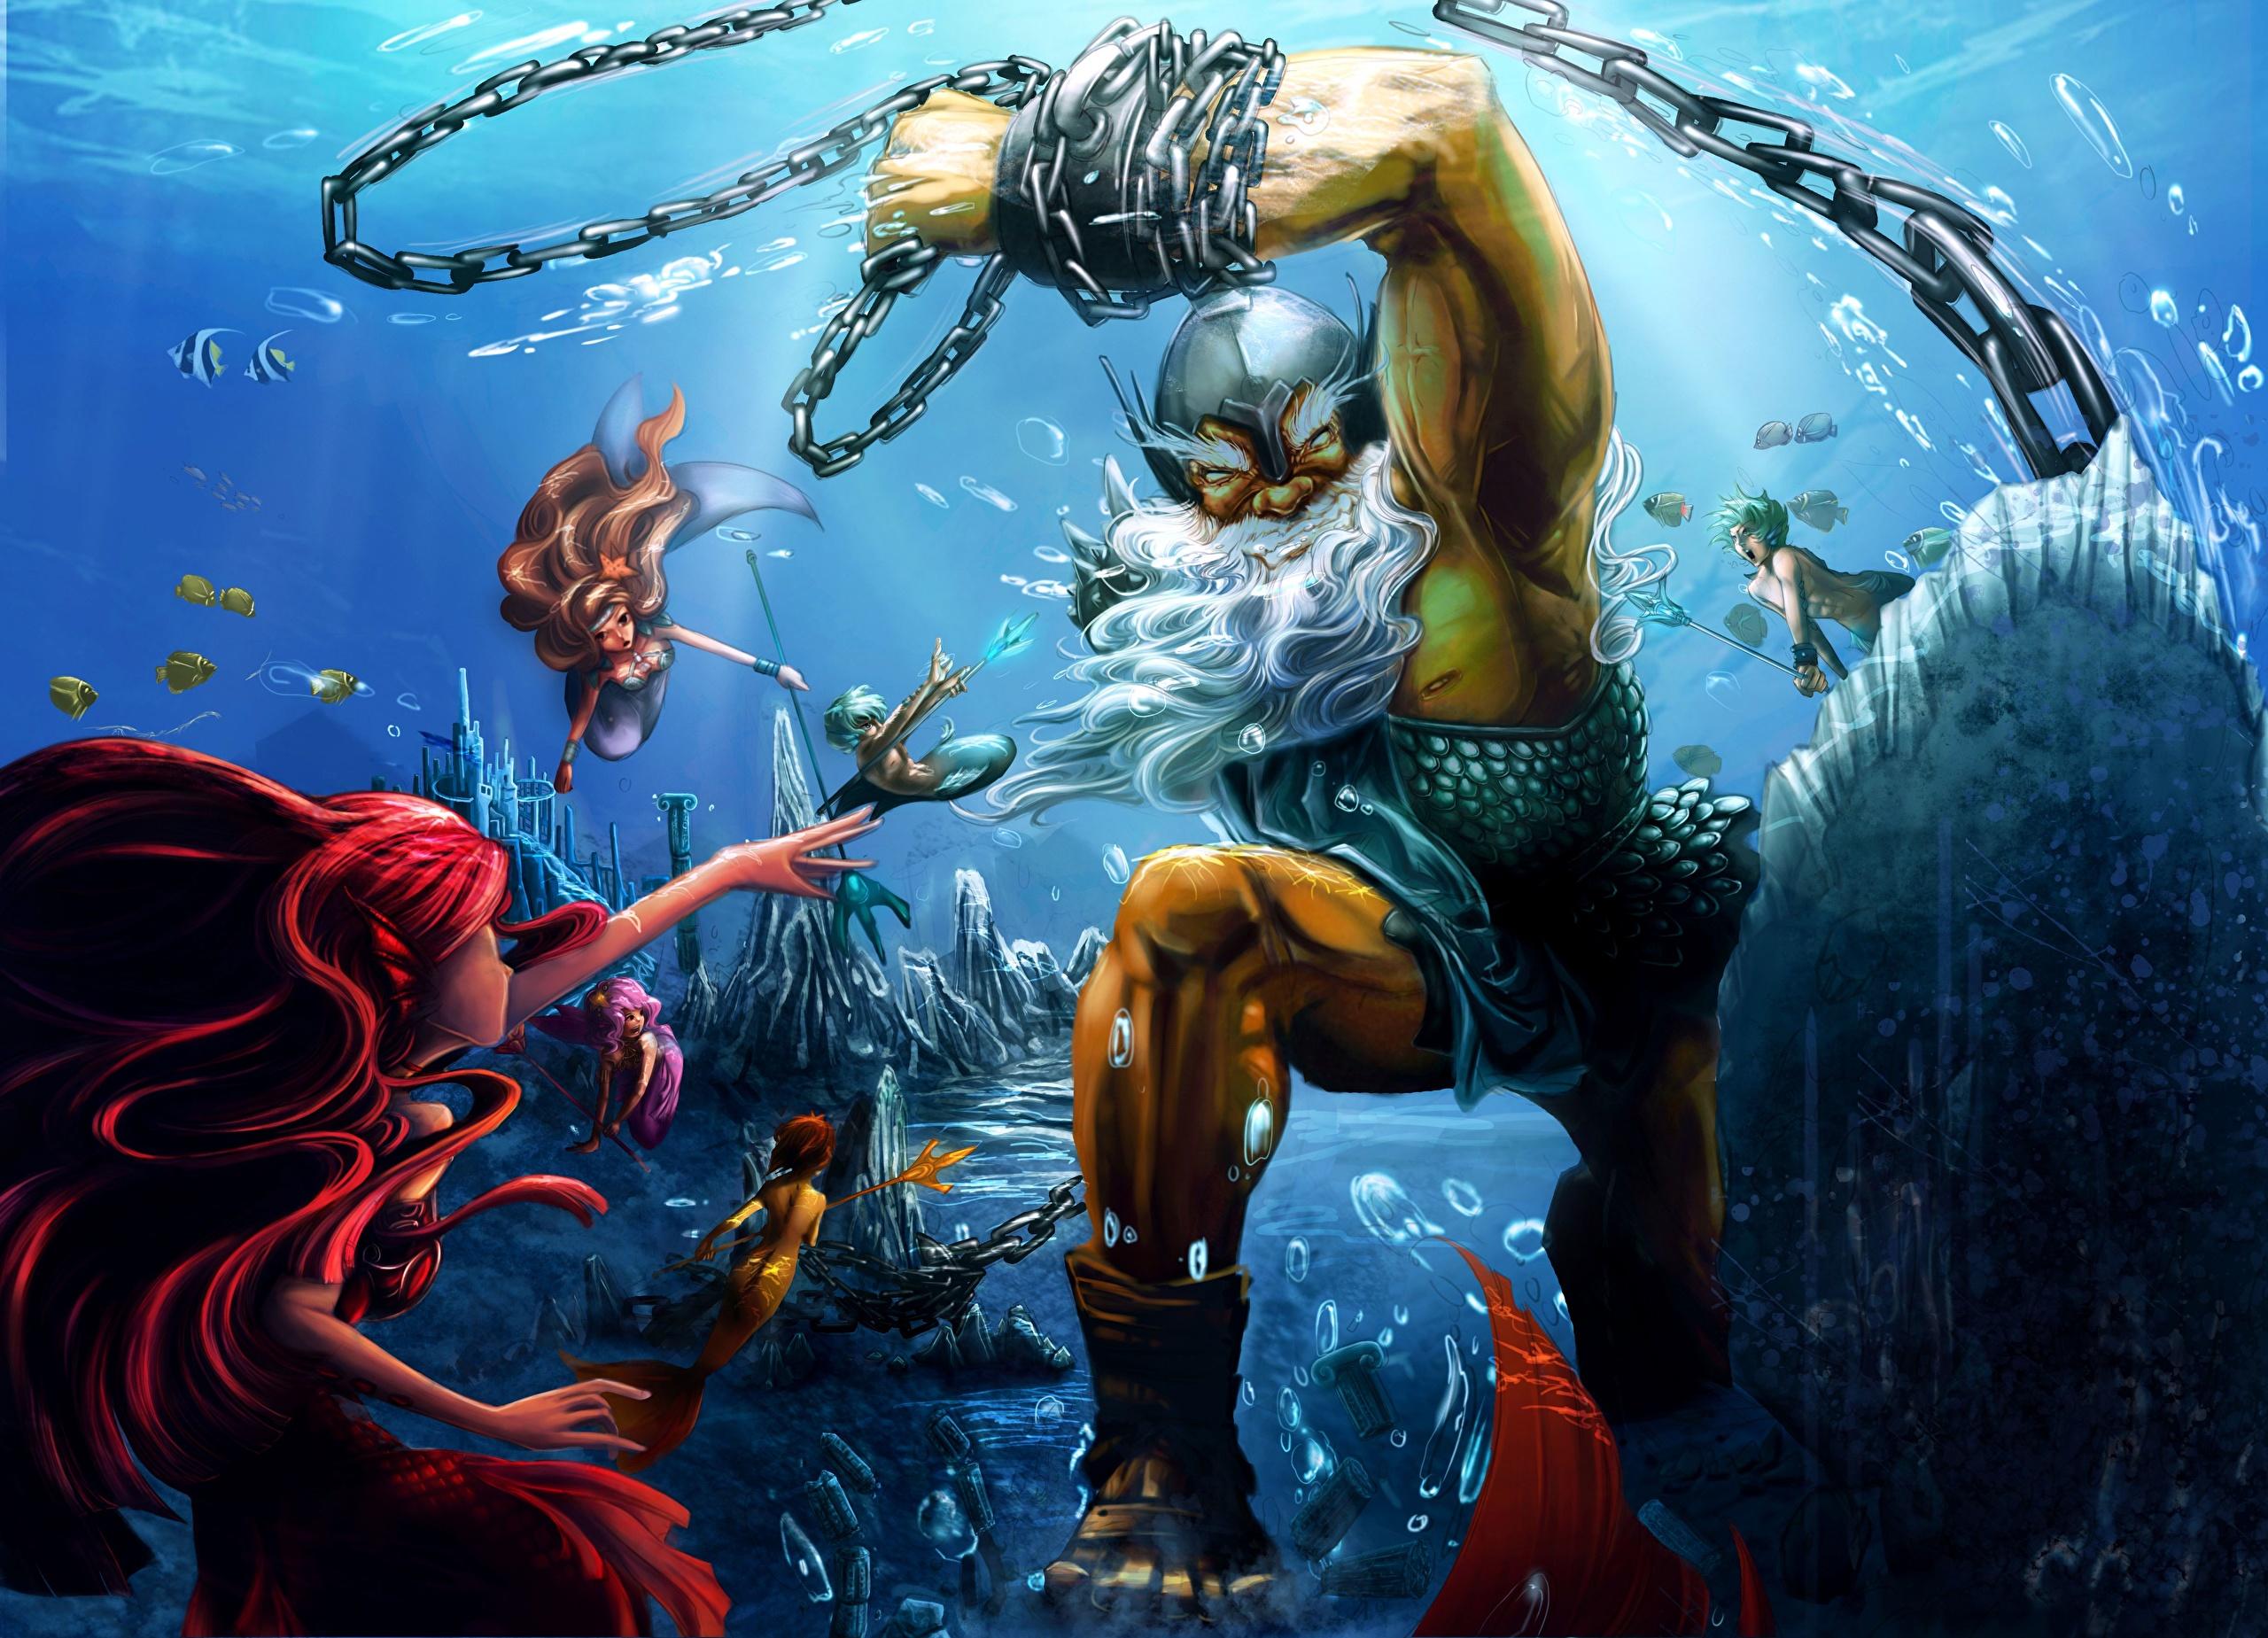 Графика под водой  № 2252468 загрузить